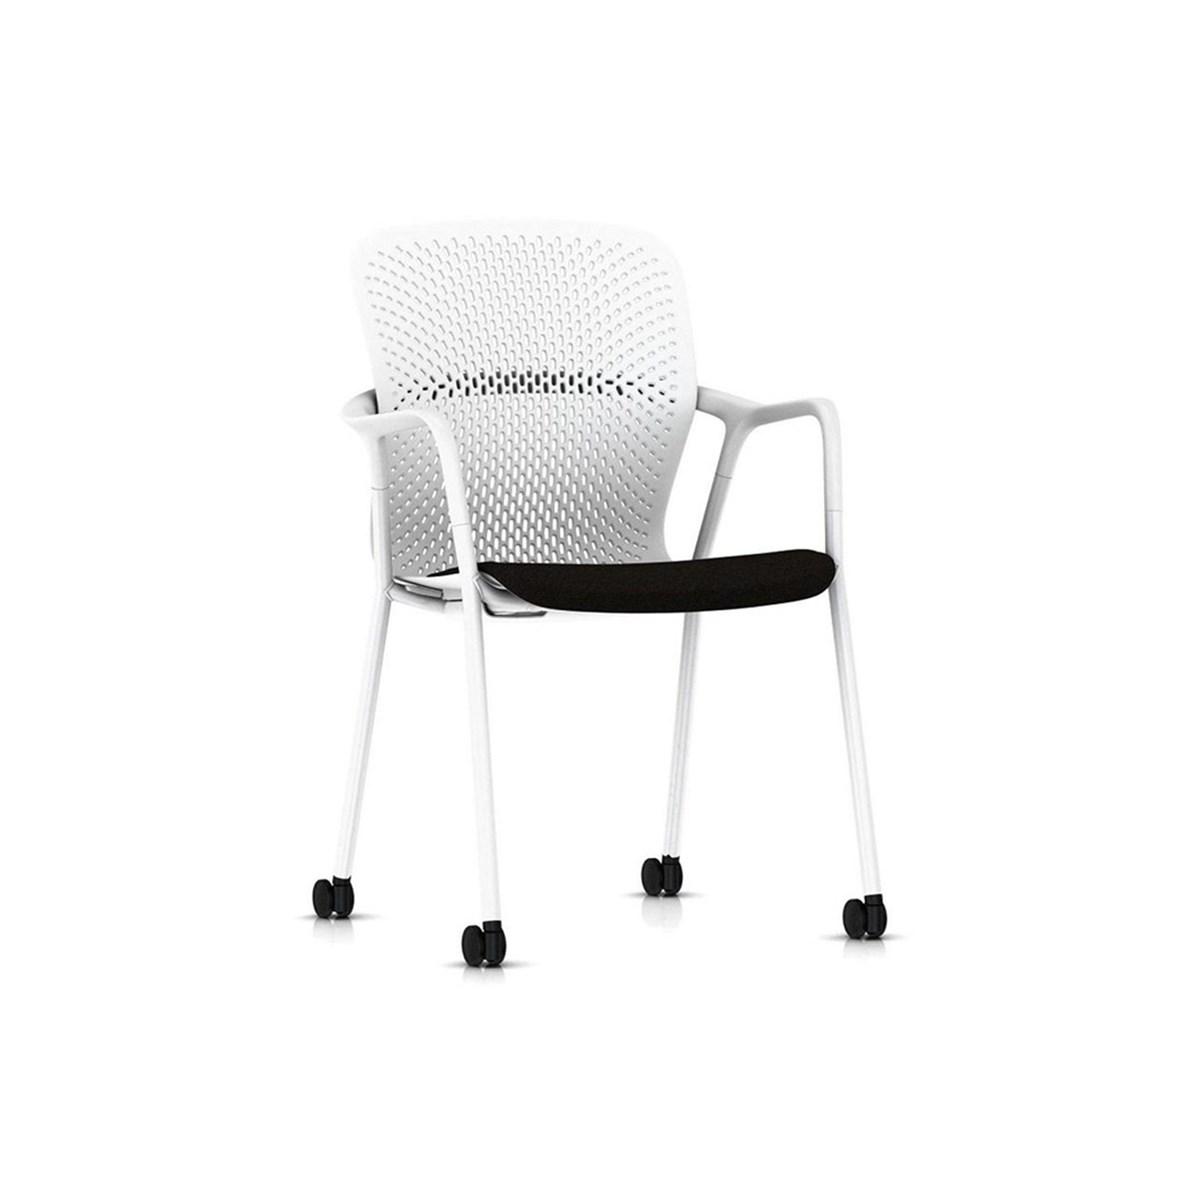 Herman-Miller-forpeople-Keyn-Chair-4-legs/Studio-White-Matisse-1